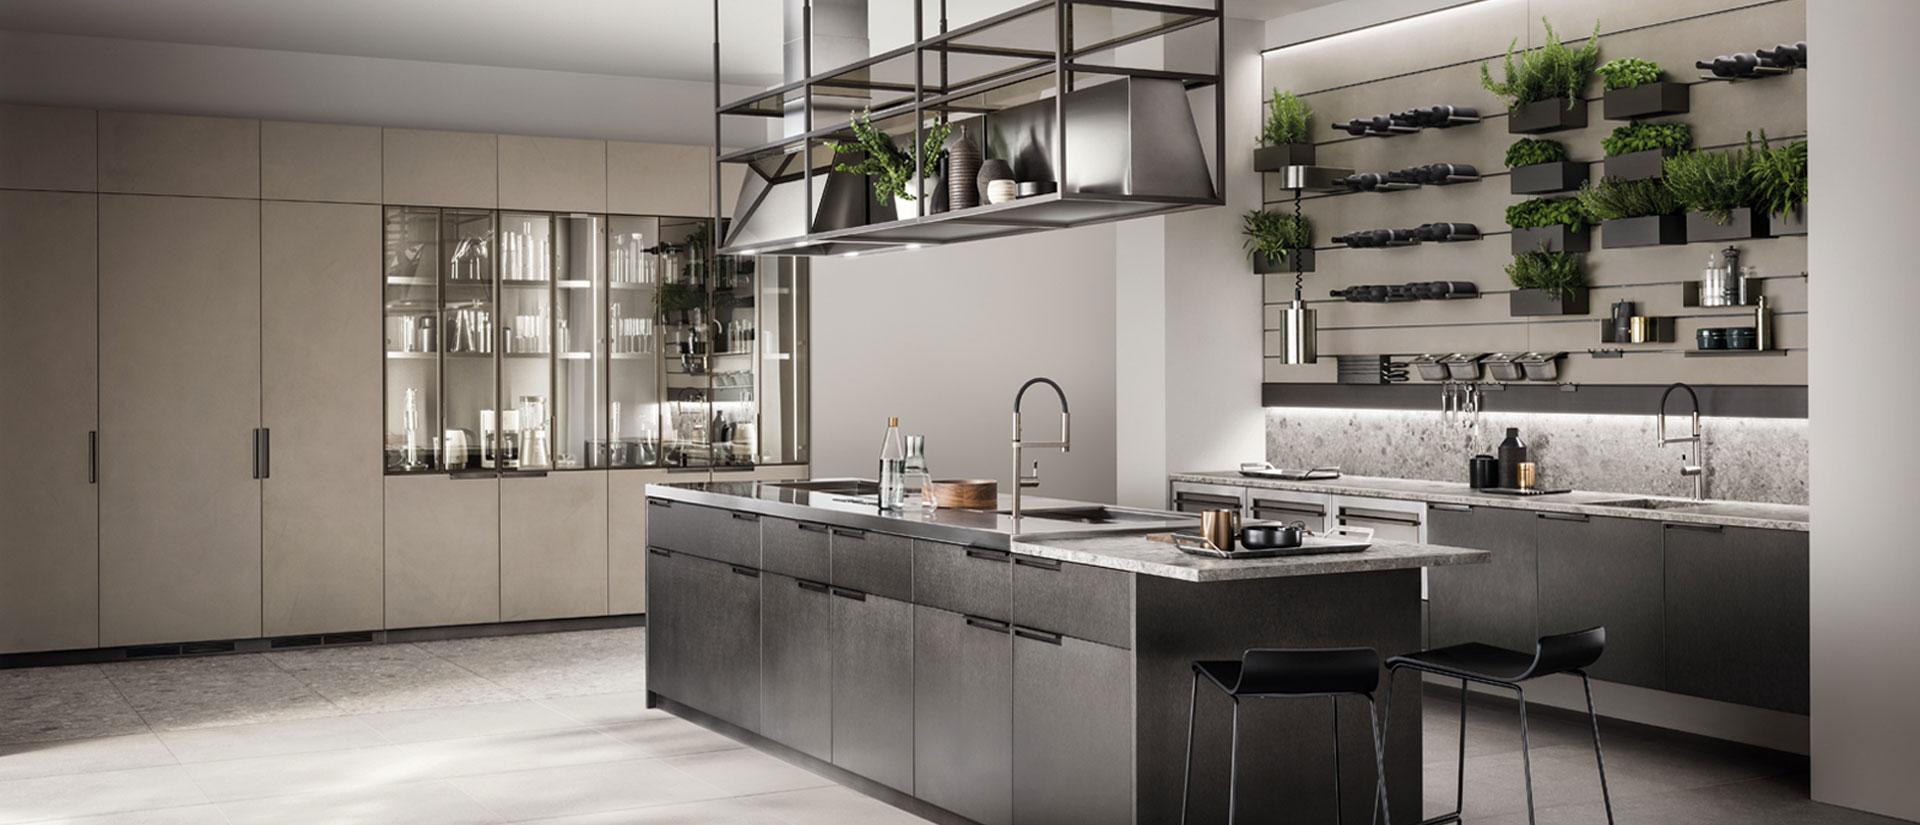 Progettare cucina 3d idee di decorazione per interni for Programmi arredamento 3d gratis ikea